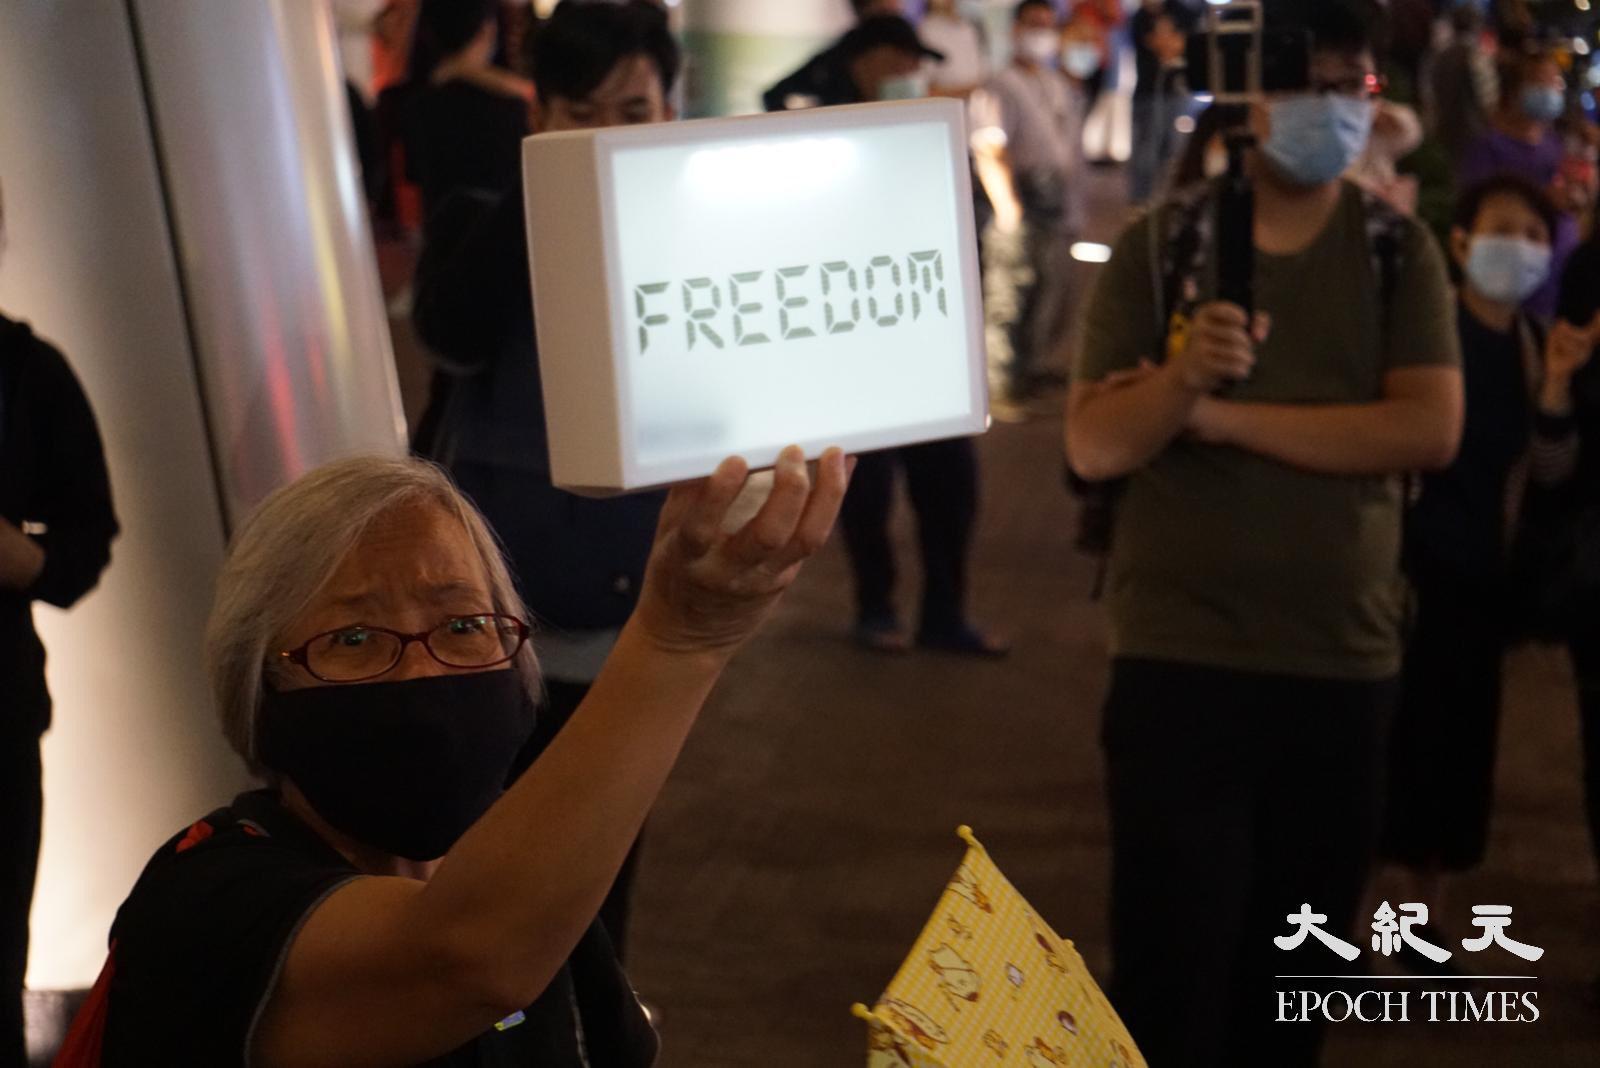 王婆婆高舉寫有「 Freedom」(自由)的標語。(Jerry/大紀元)